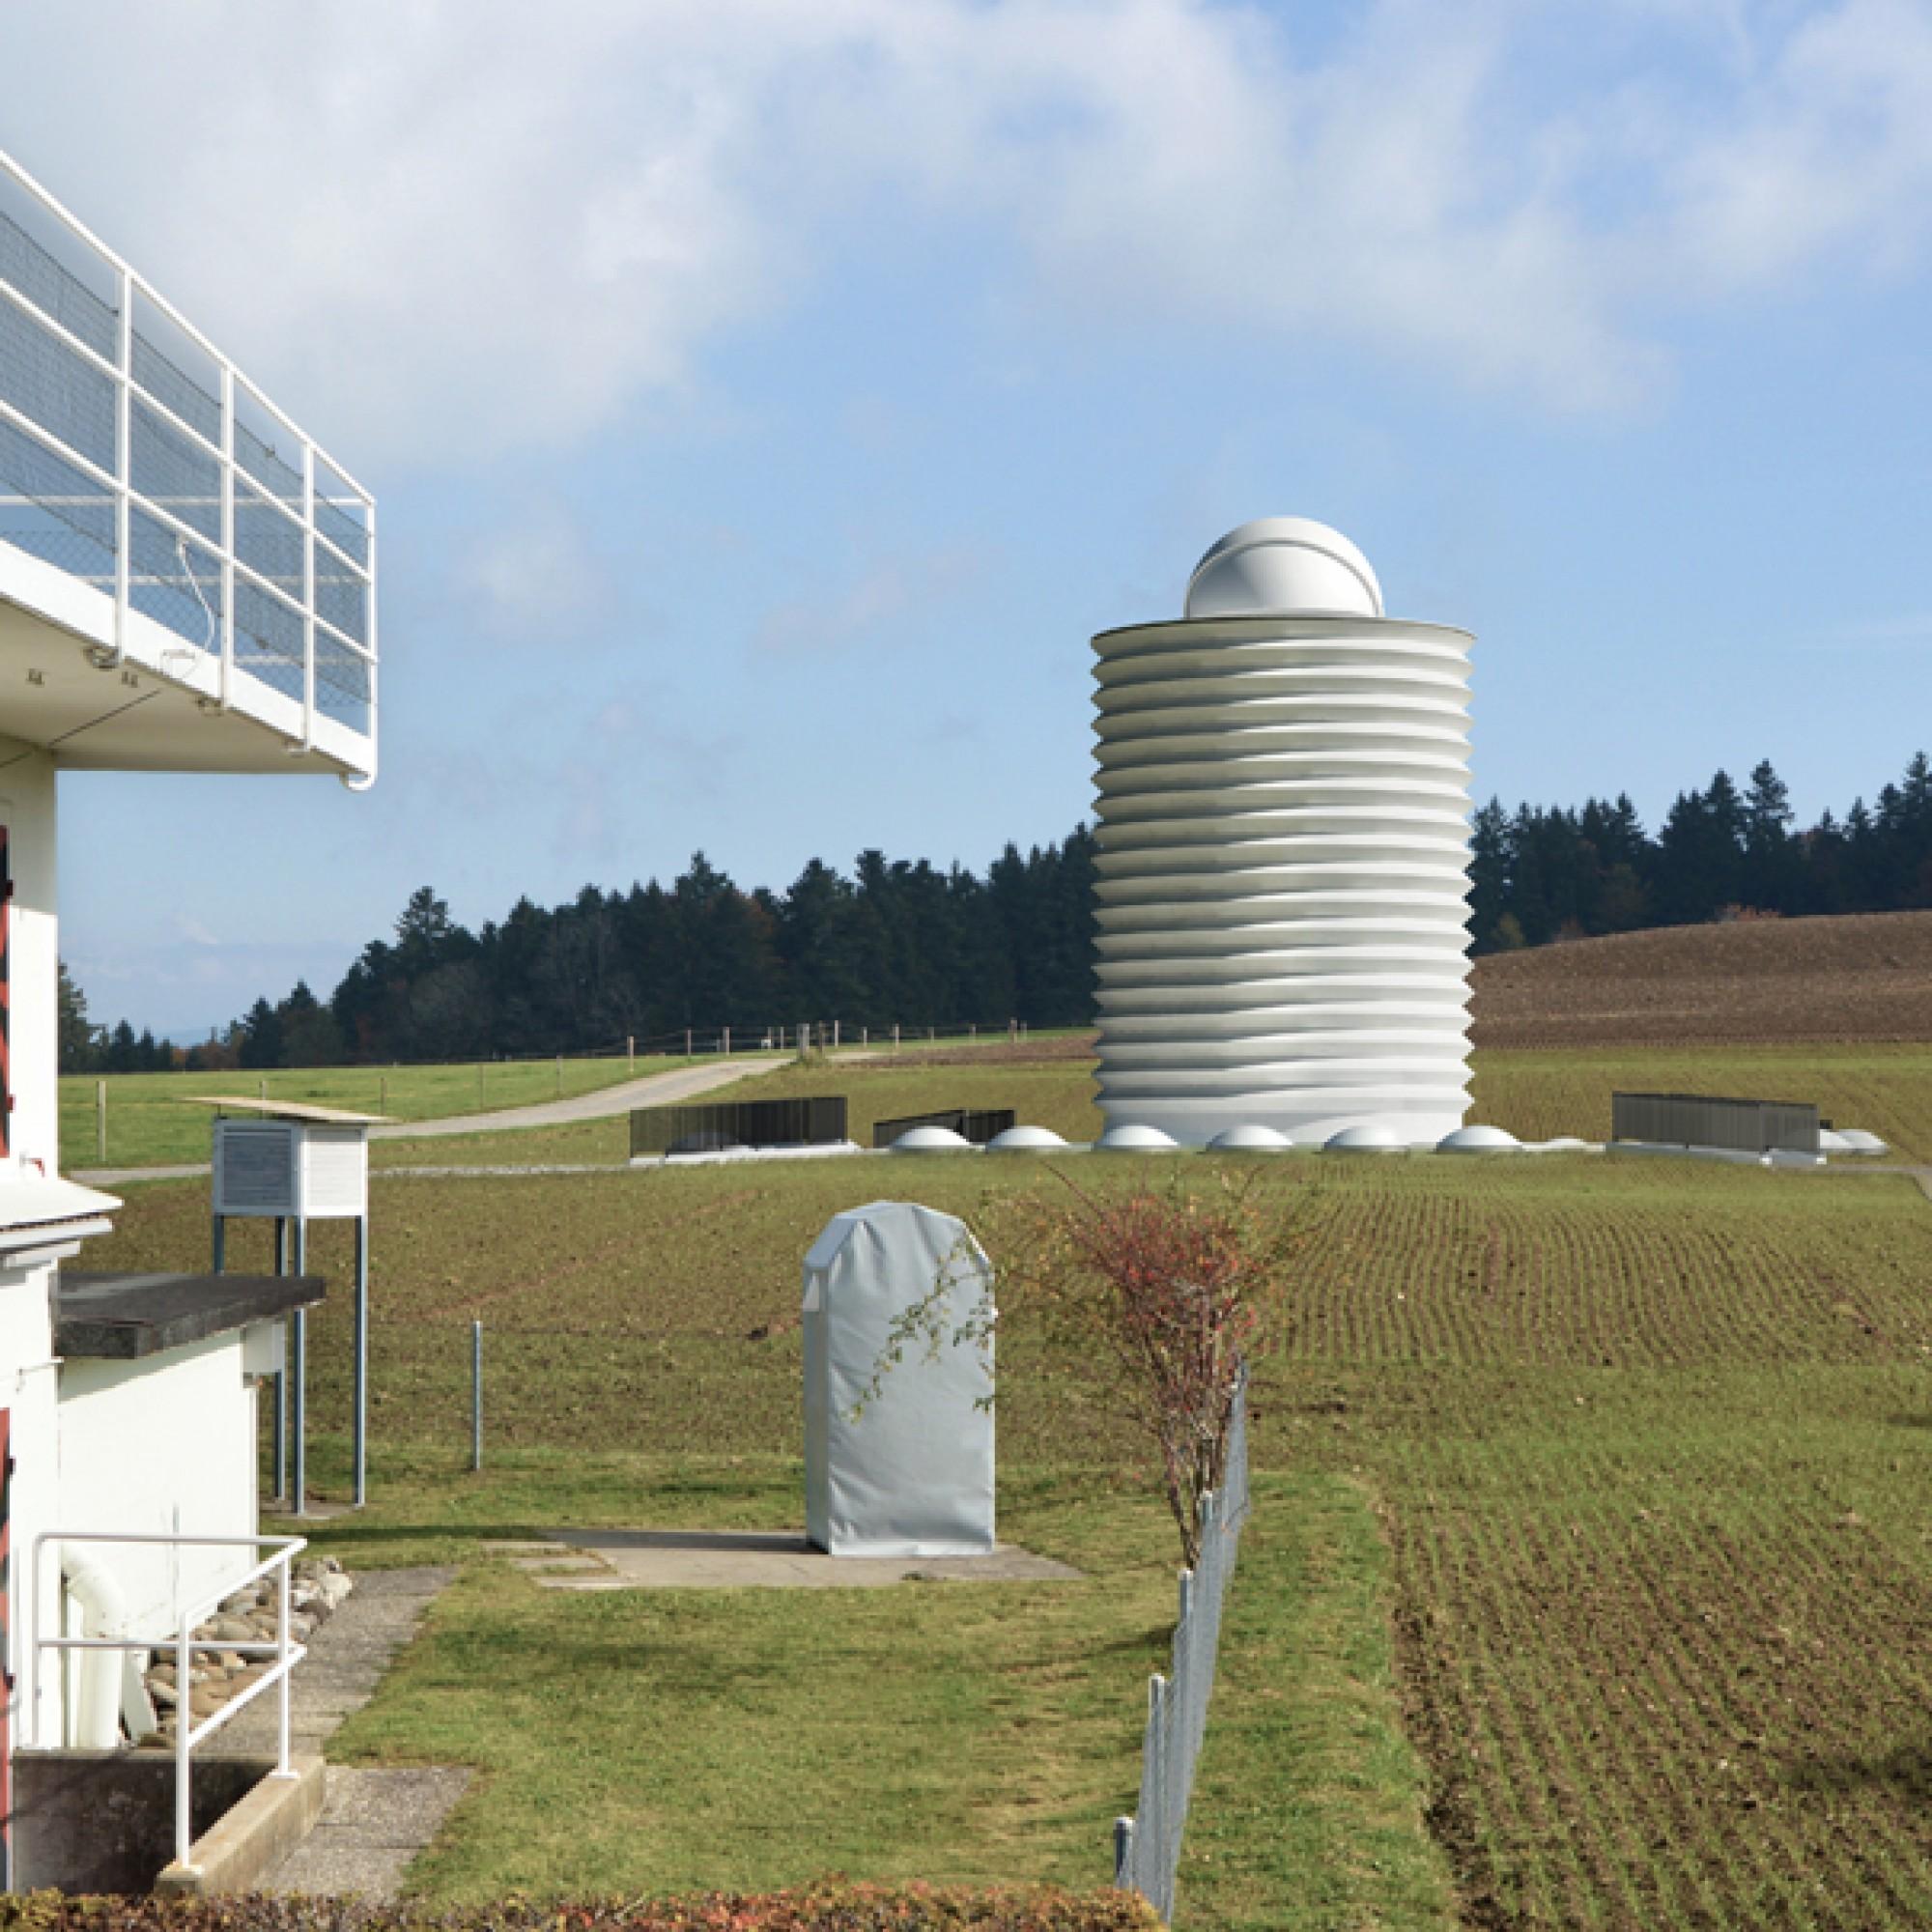 Die Sternwarte soll in der Nähe des alten Observatoriums zu stehen kommen. (Visualisierung zvg) 1/4